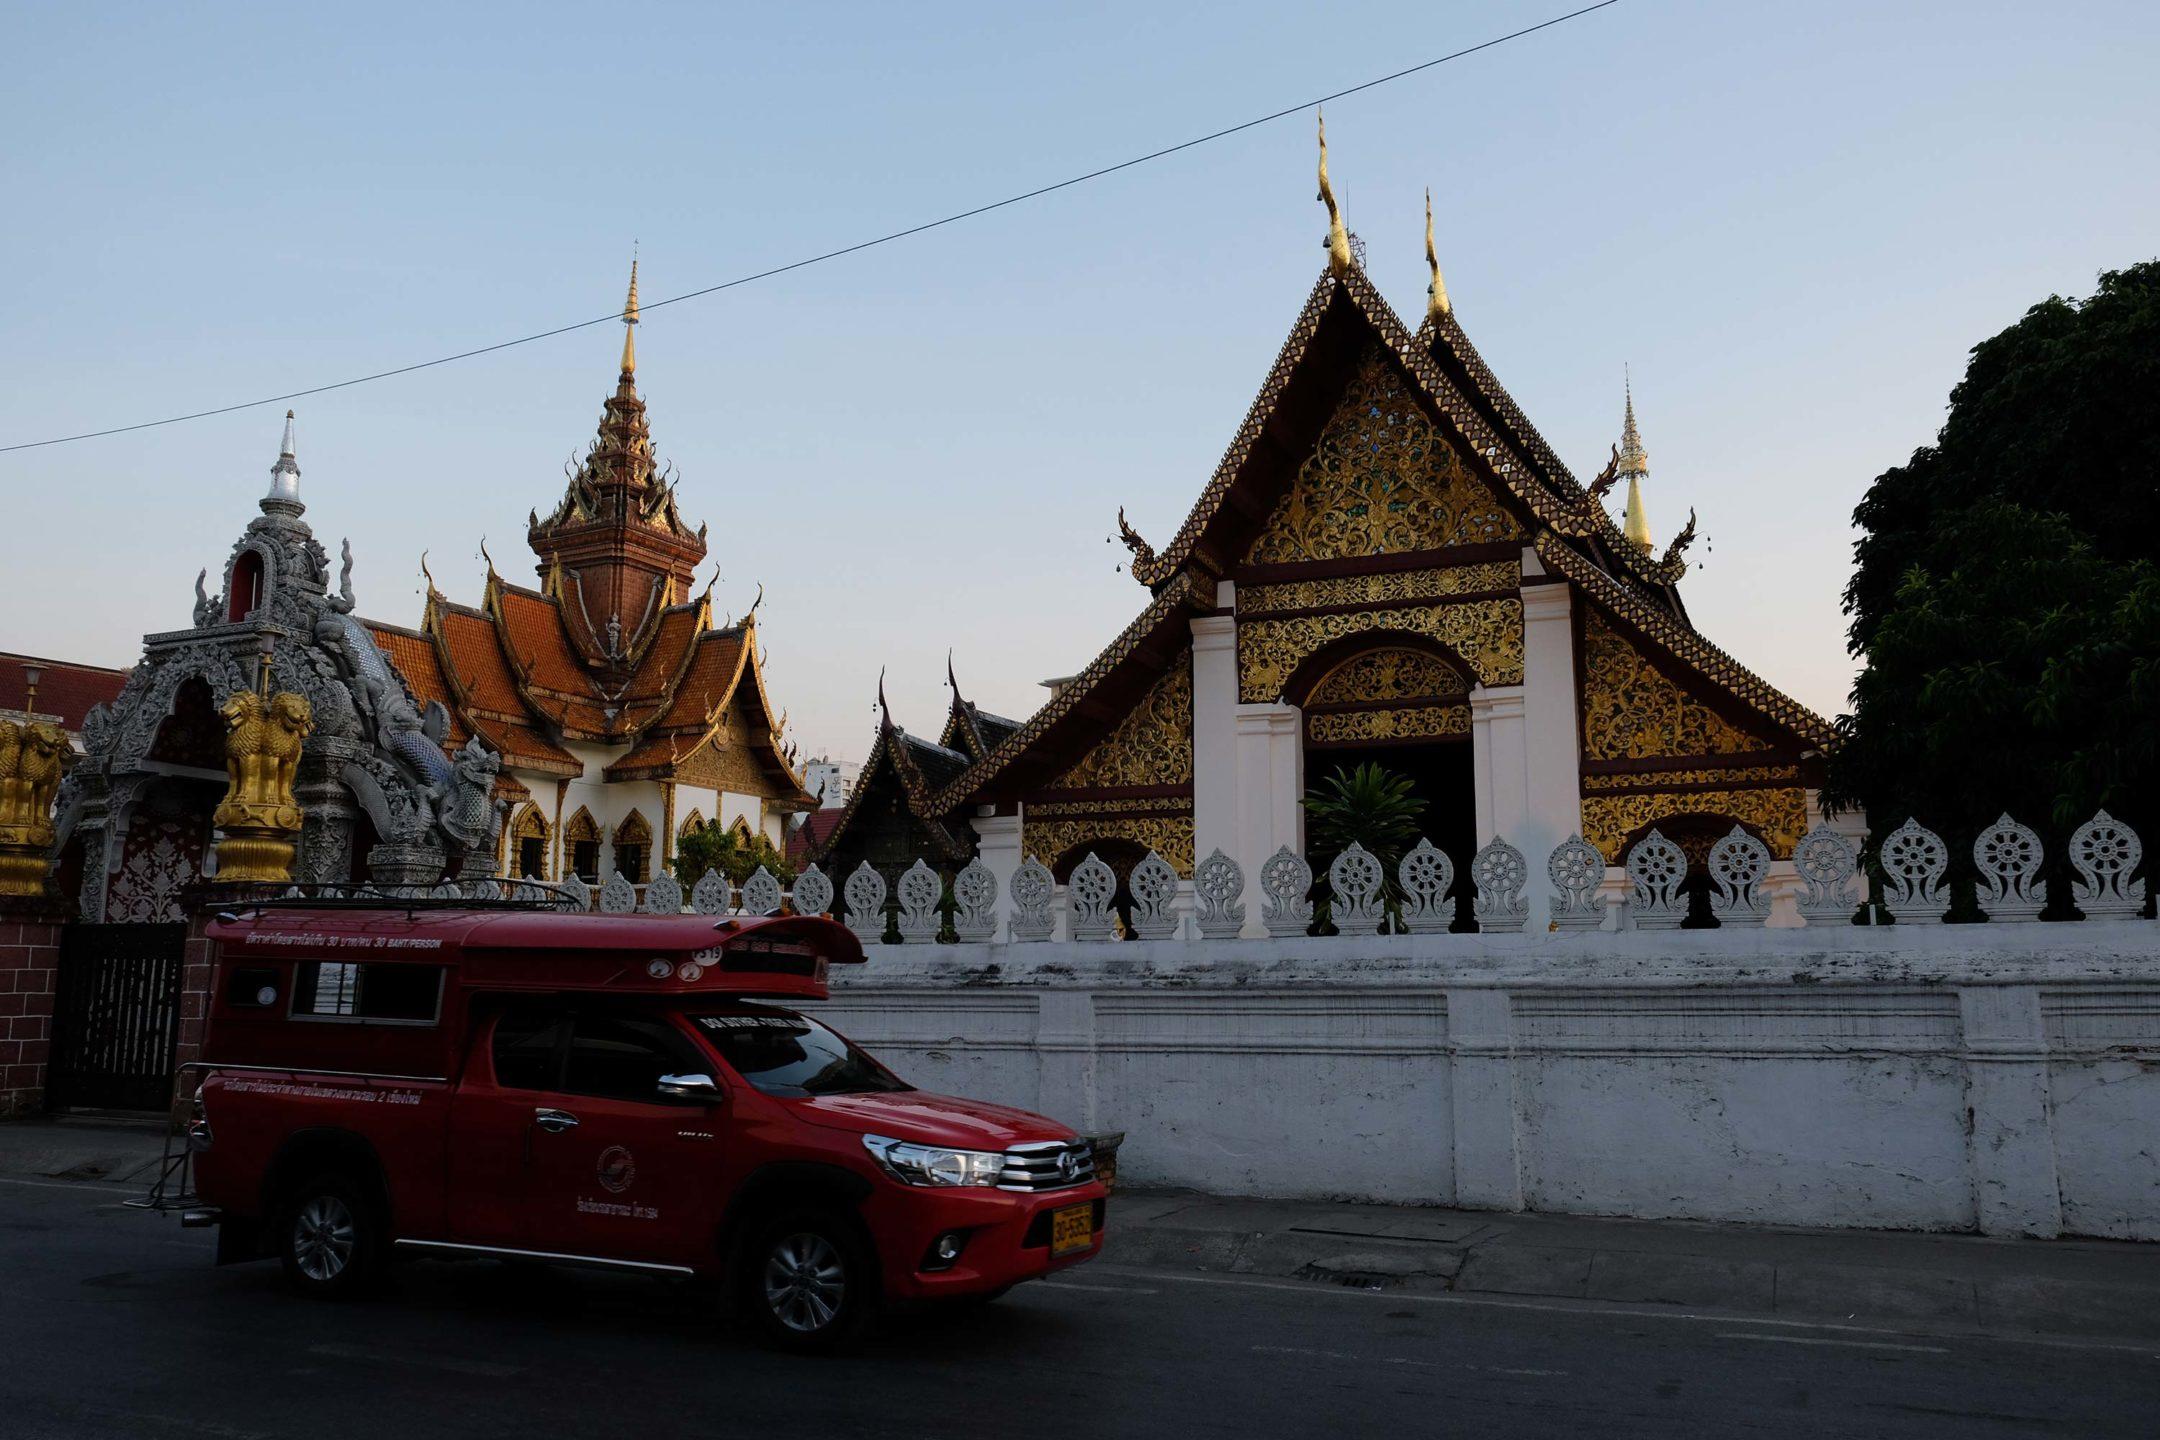 Song Taew Chiang Mai